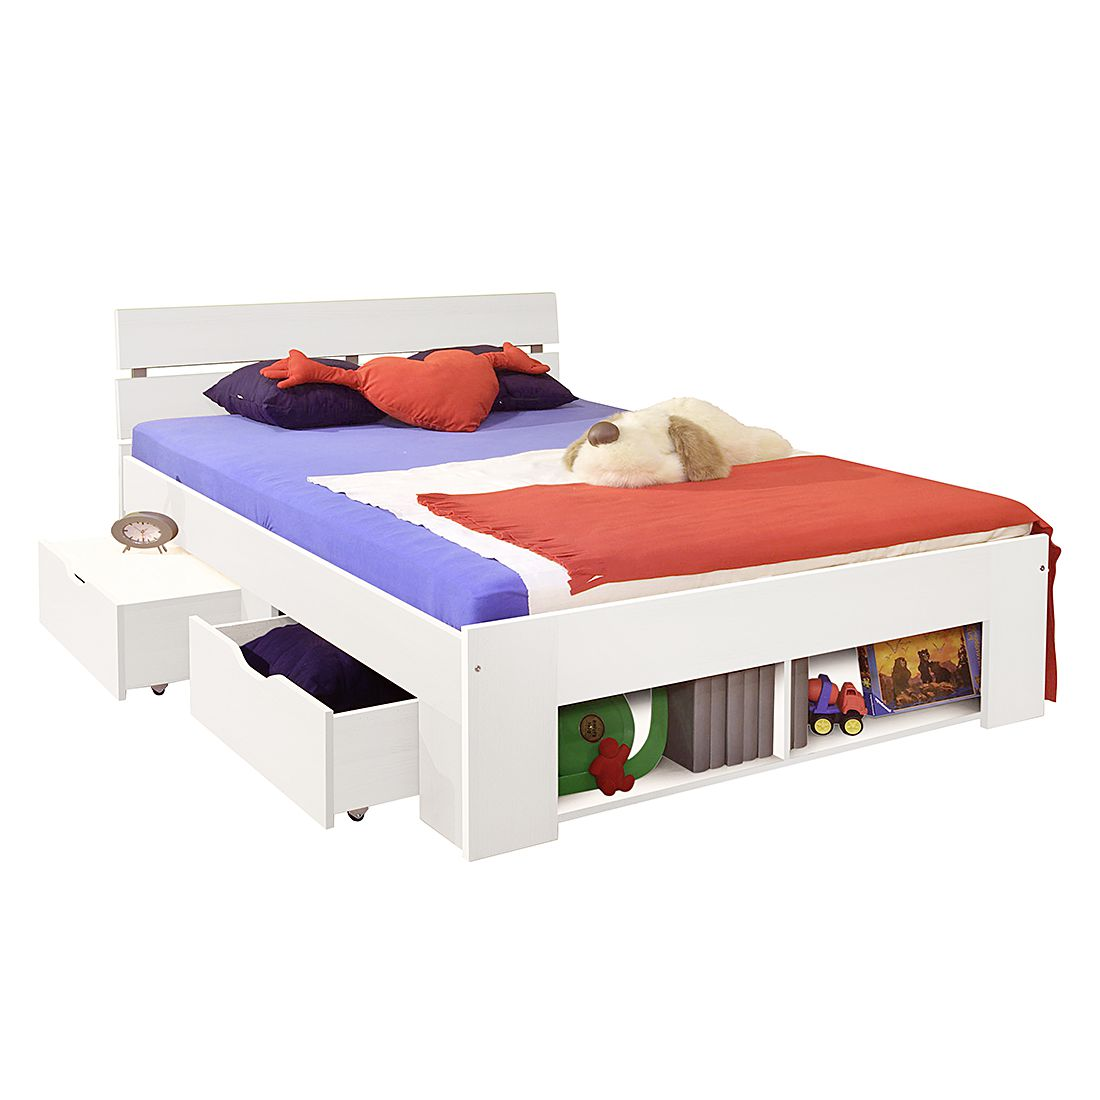 home24 Kojenbett Pinto | Kinderzimmer > Jugendzimmer > Jugendbetten | Weiss | Holz | Kids Club Collection